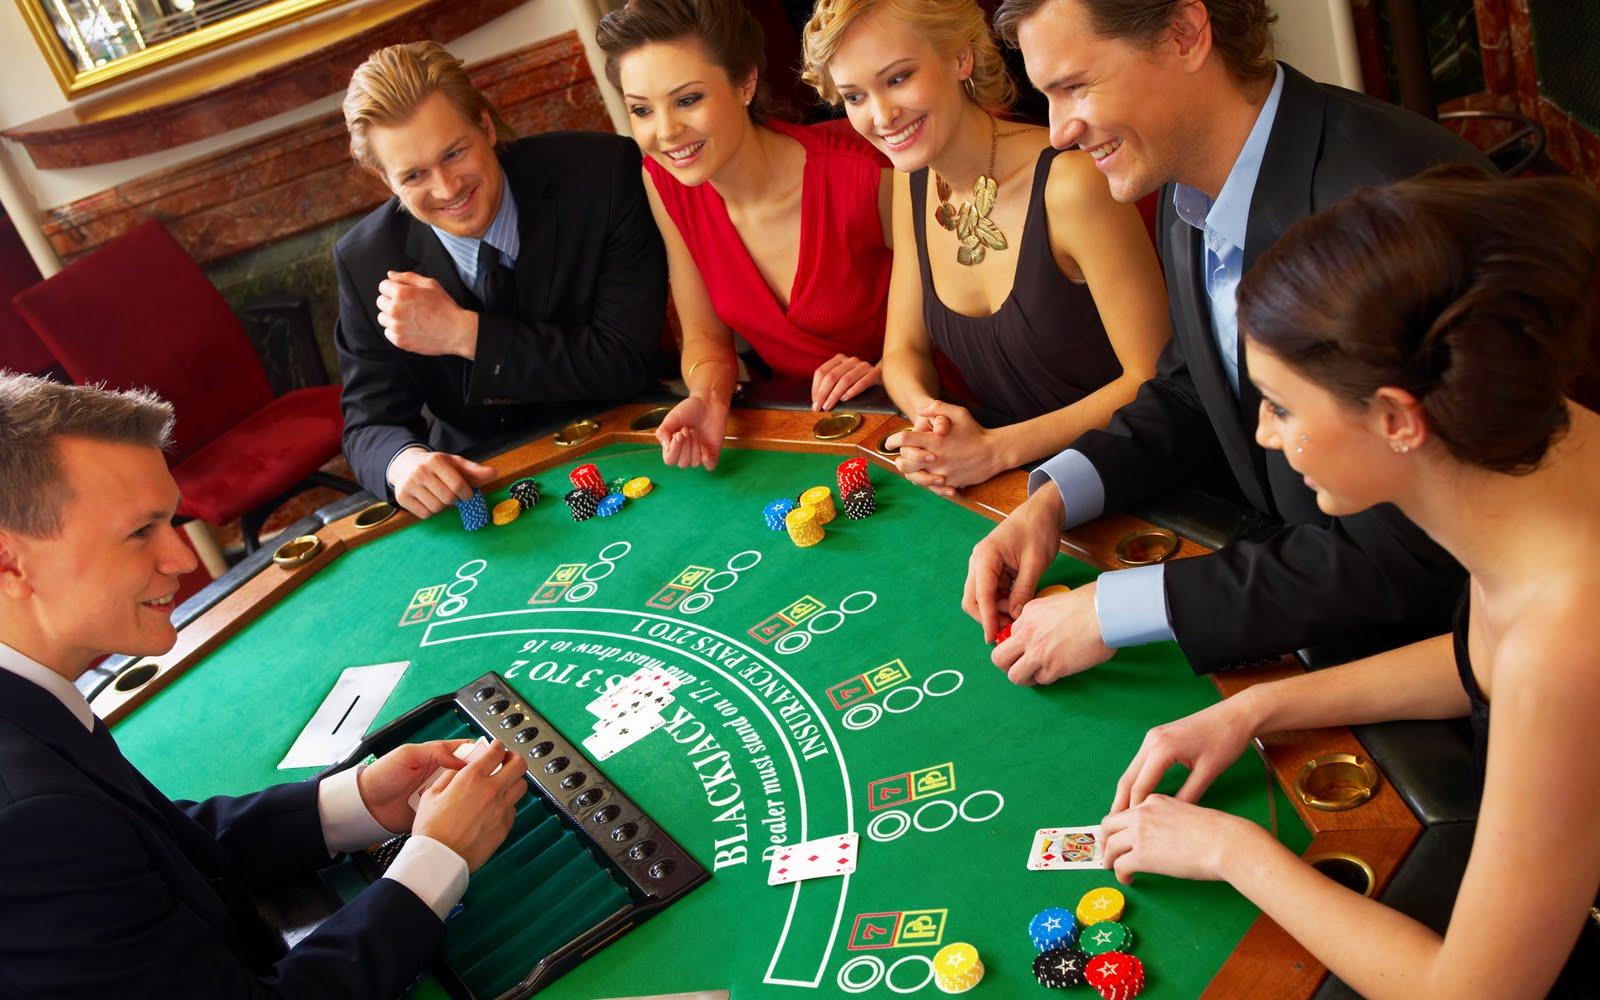 Black Jack Video Poker Games Online 97